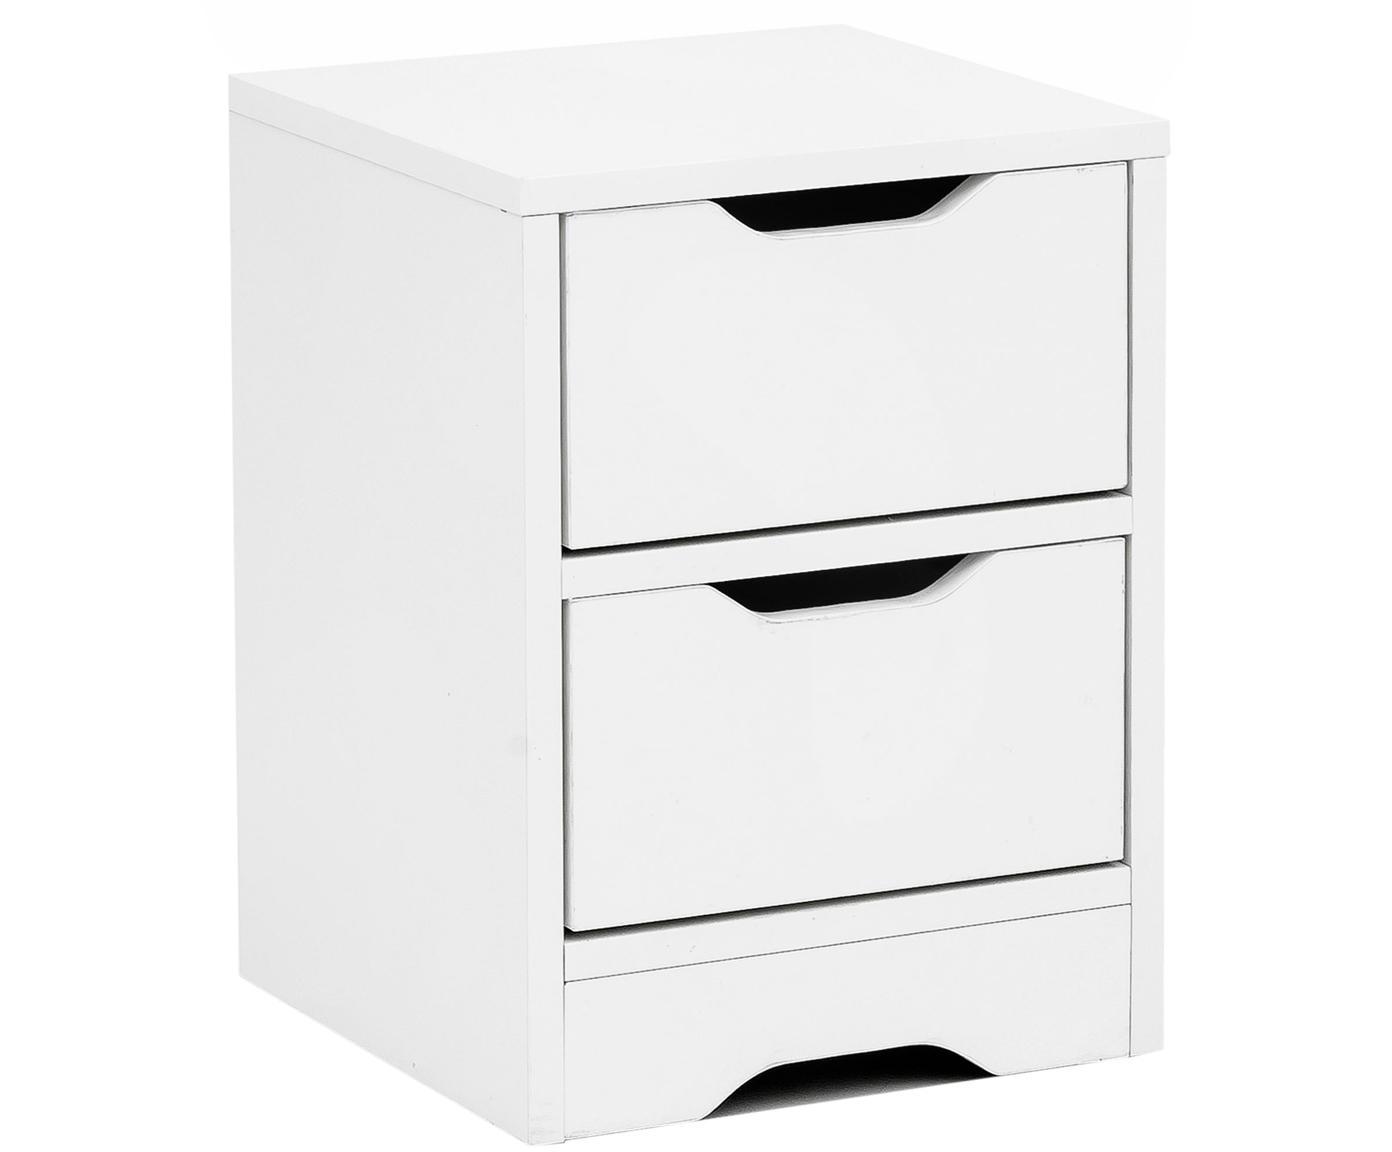 Nachttisch Wohnling mit 2 Schubladen, Spanplatte, melaminbeschichtet, Weiß, 31 x 42 cm